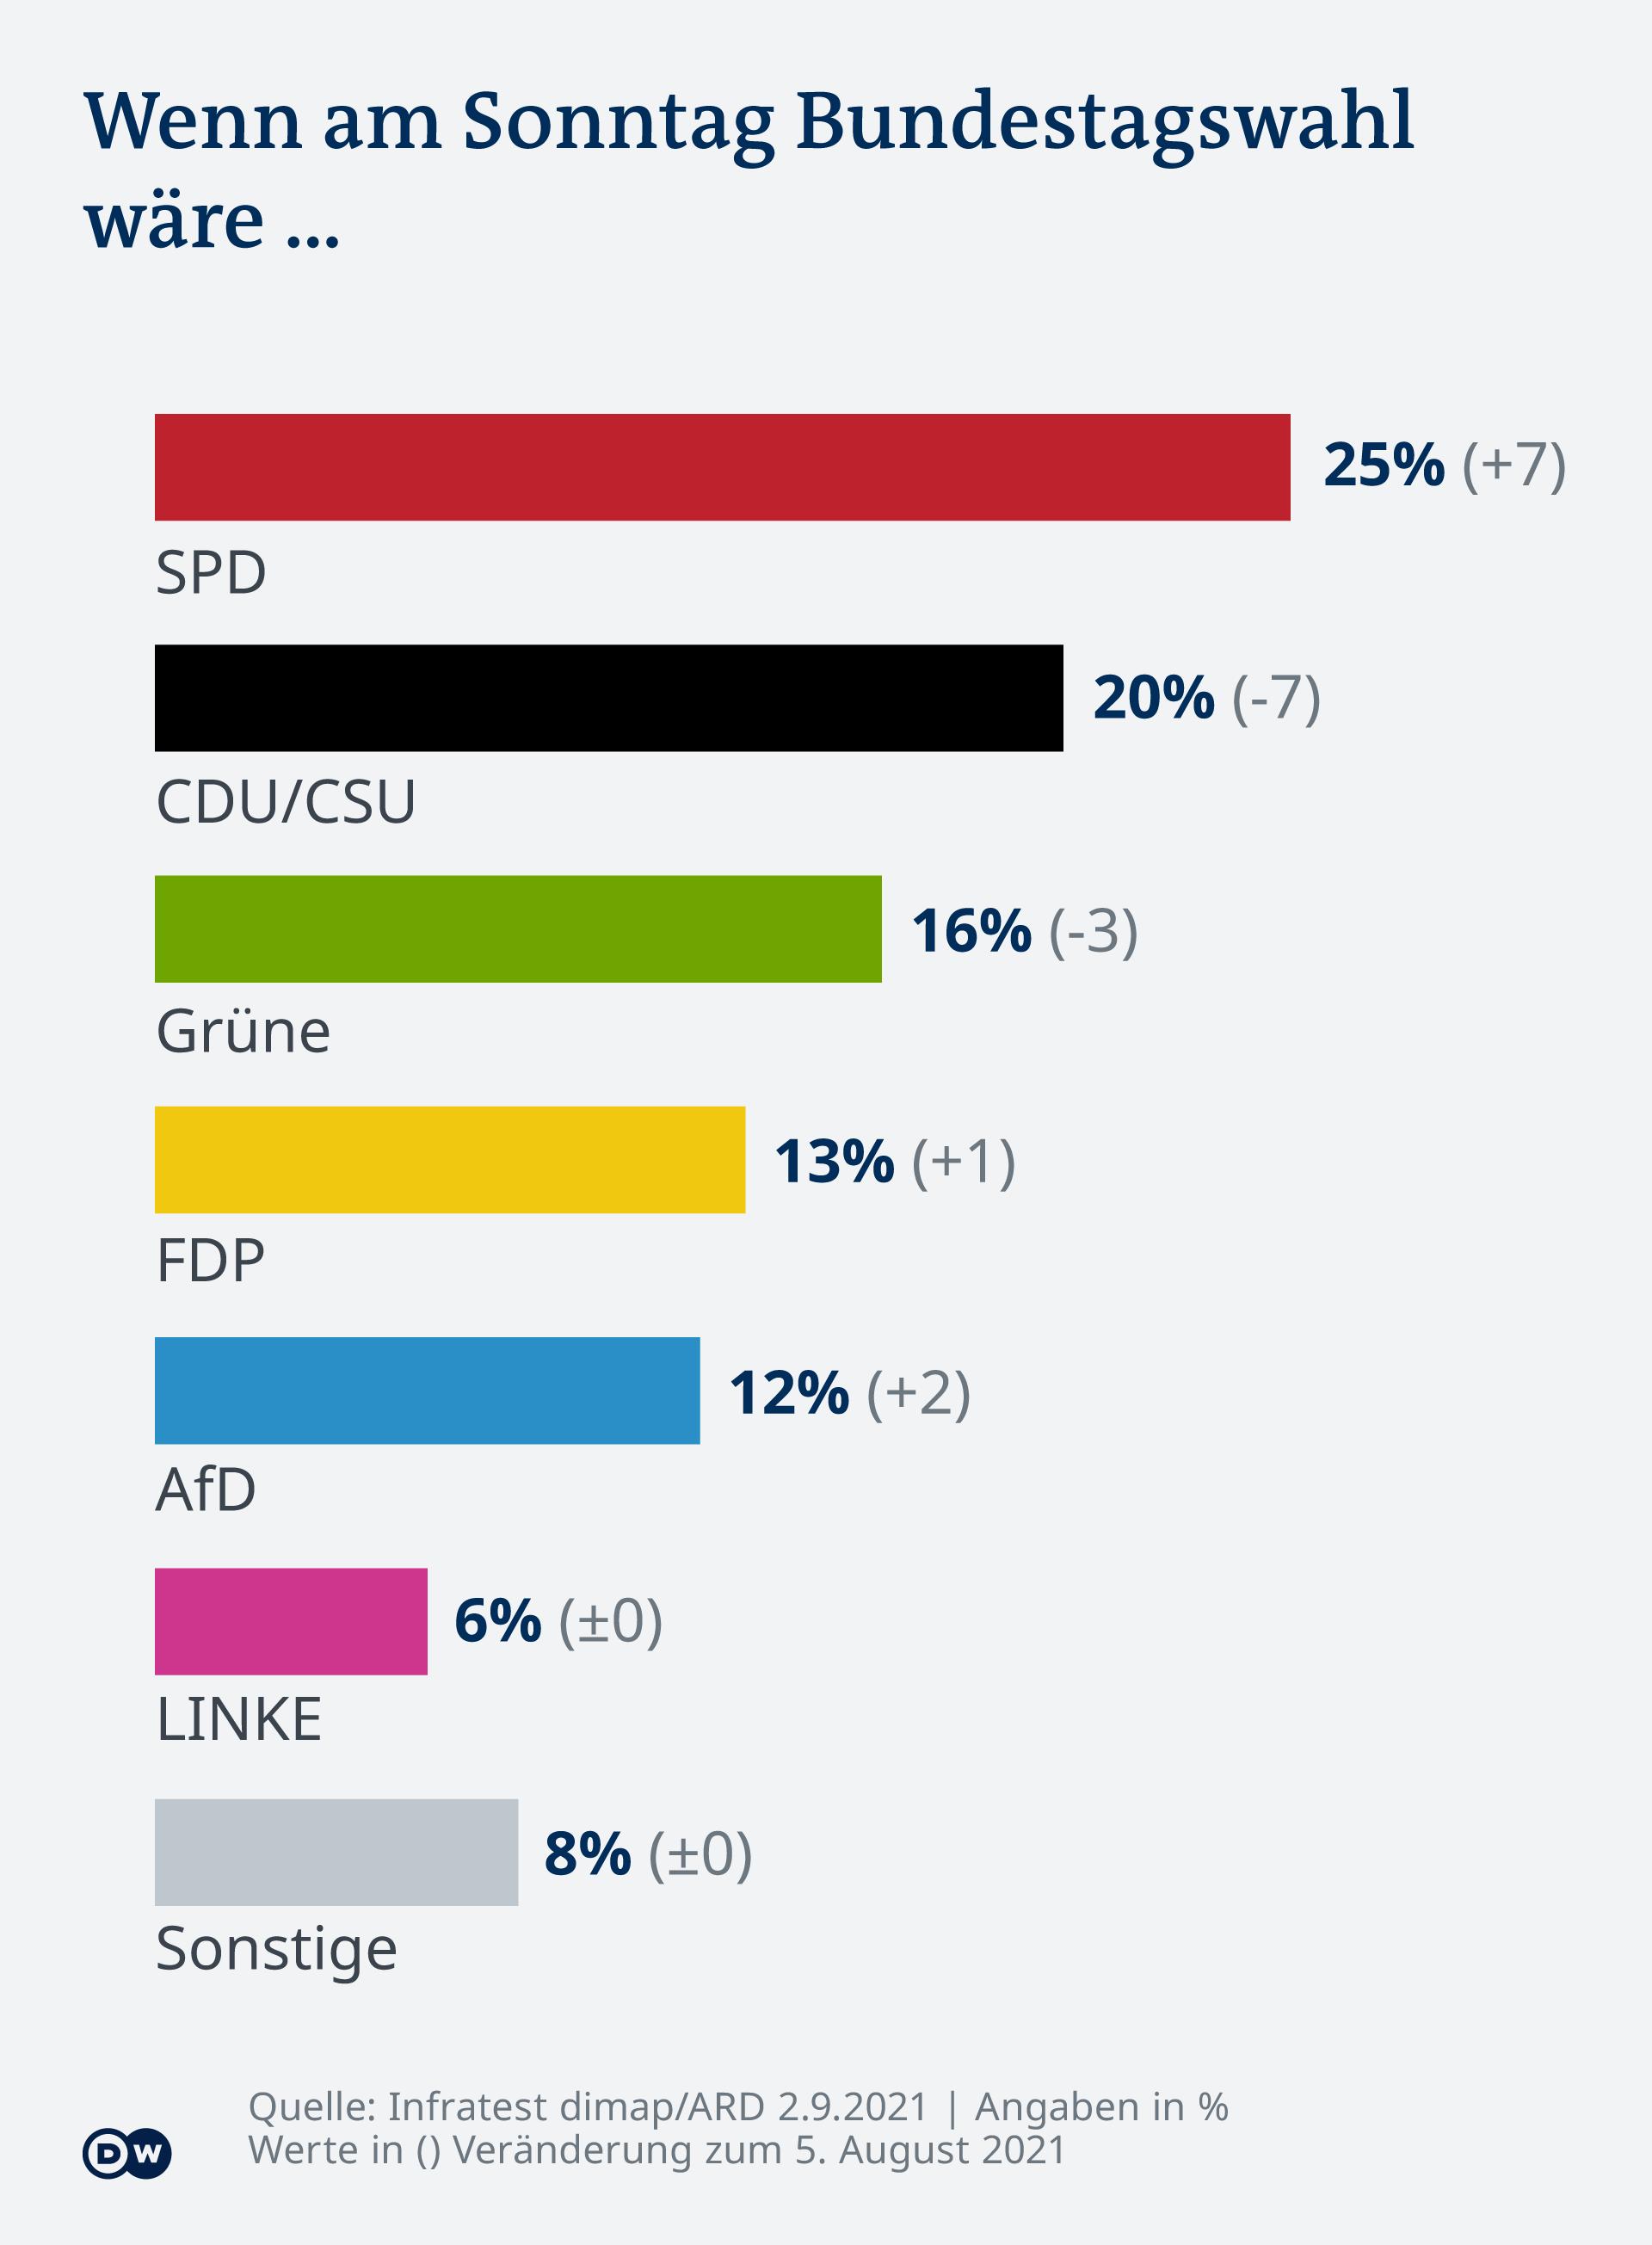 Infografik - DT2109 Sonntagsfrage - DE